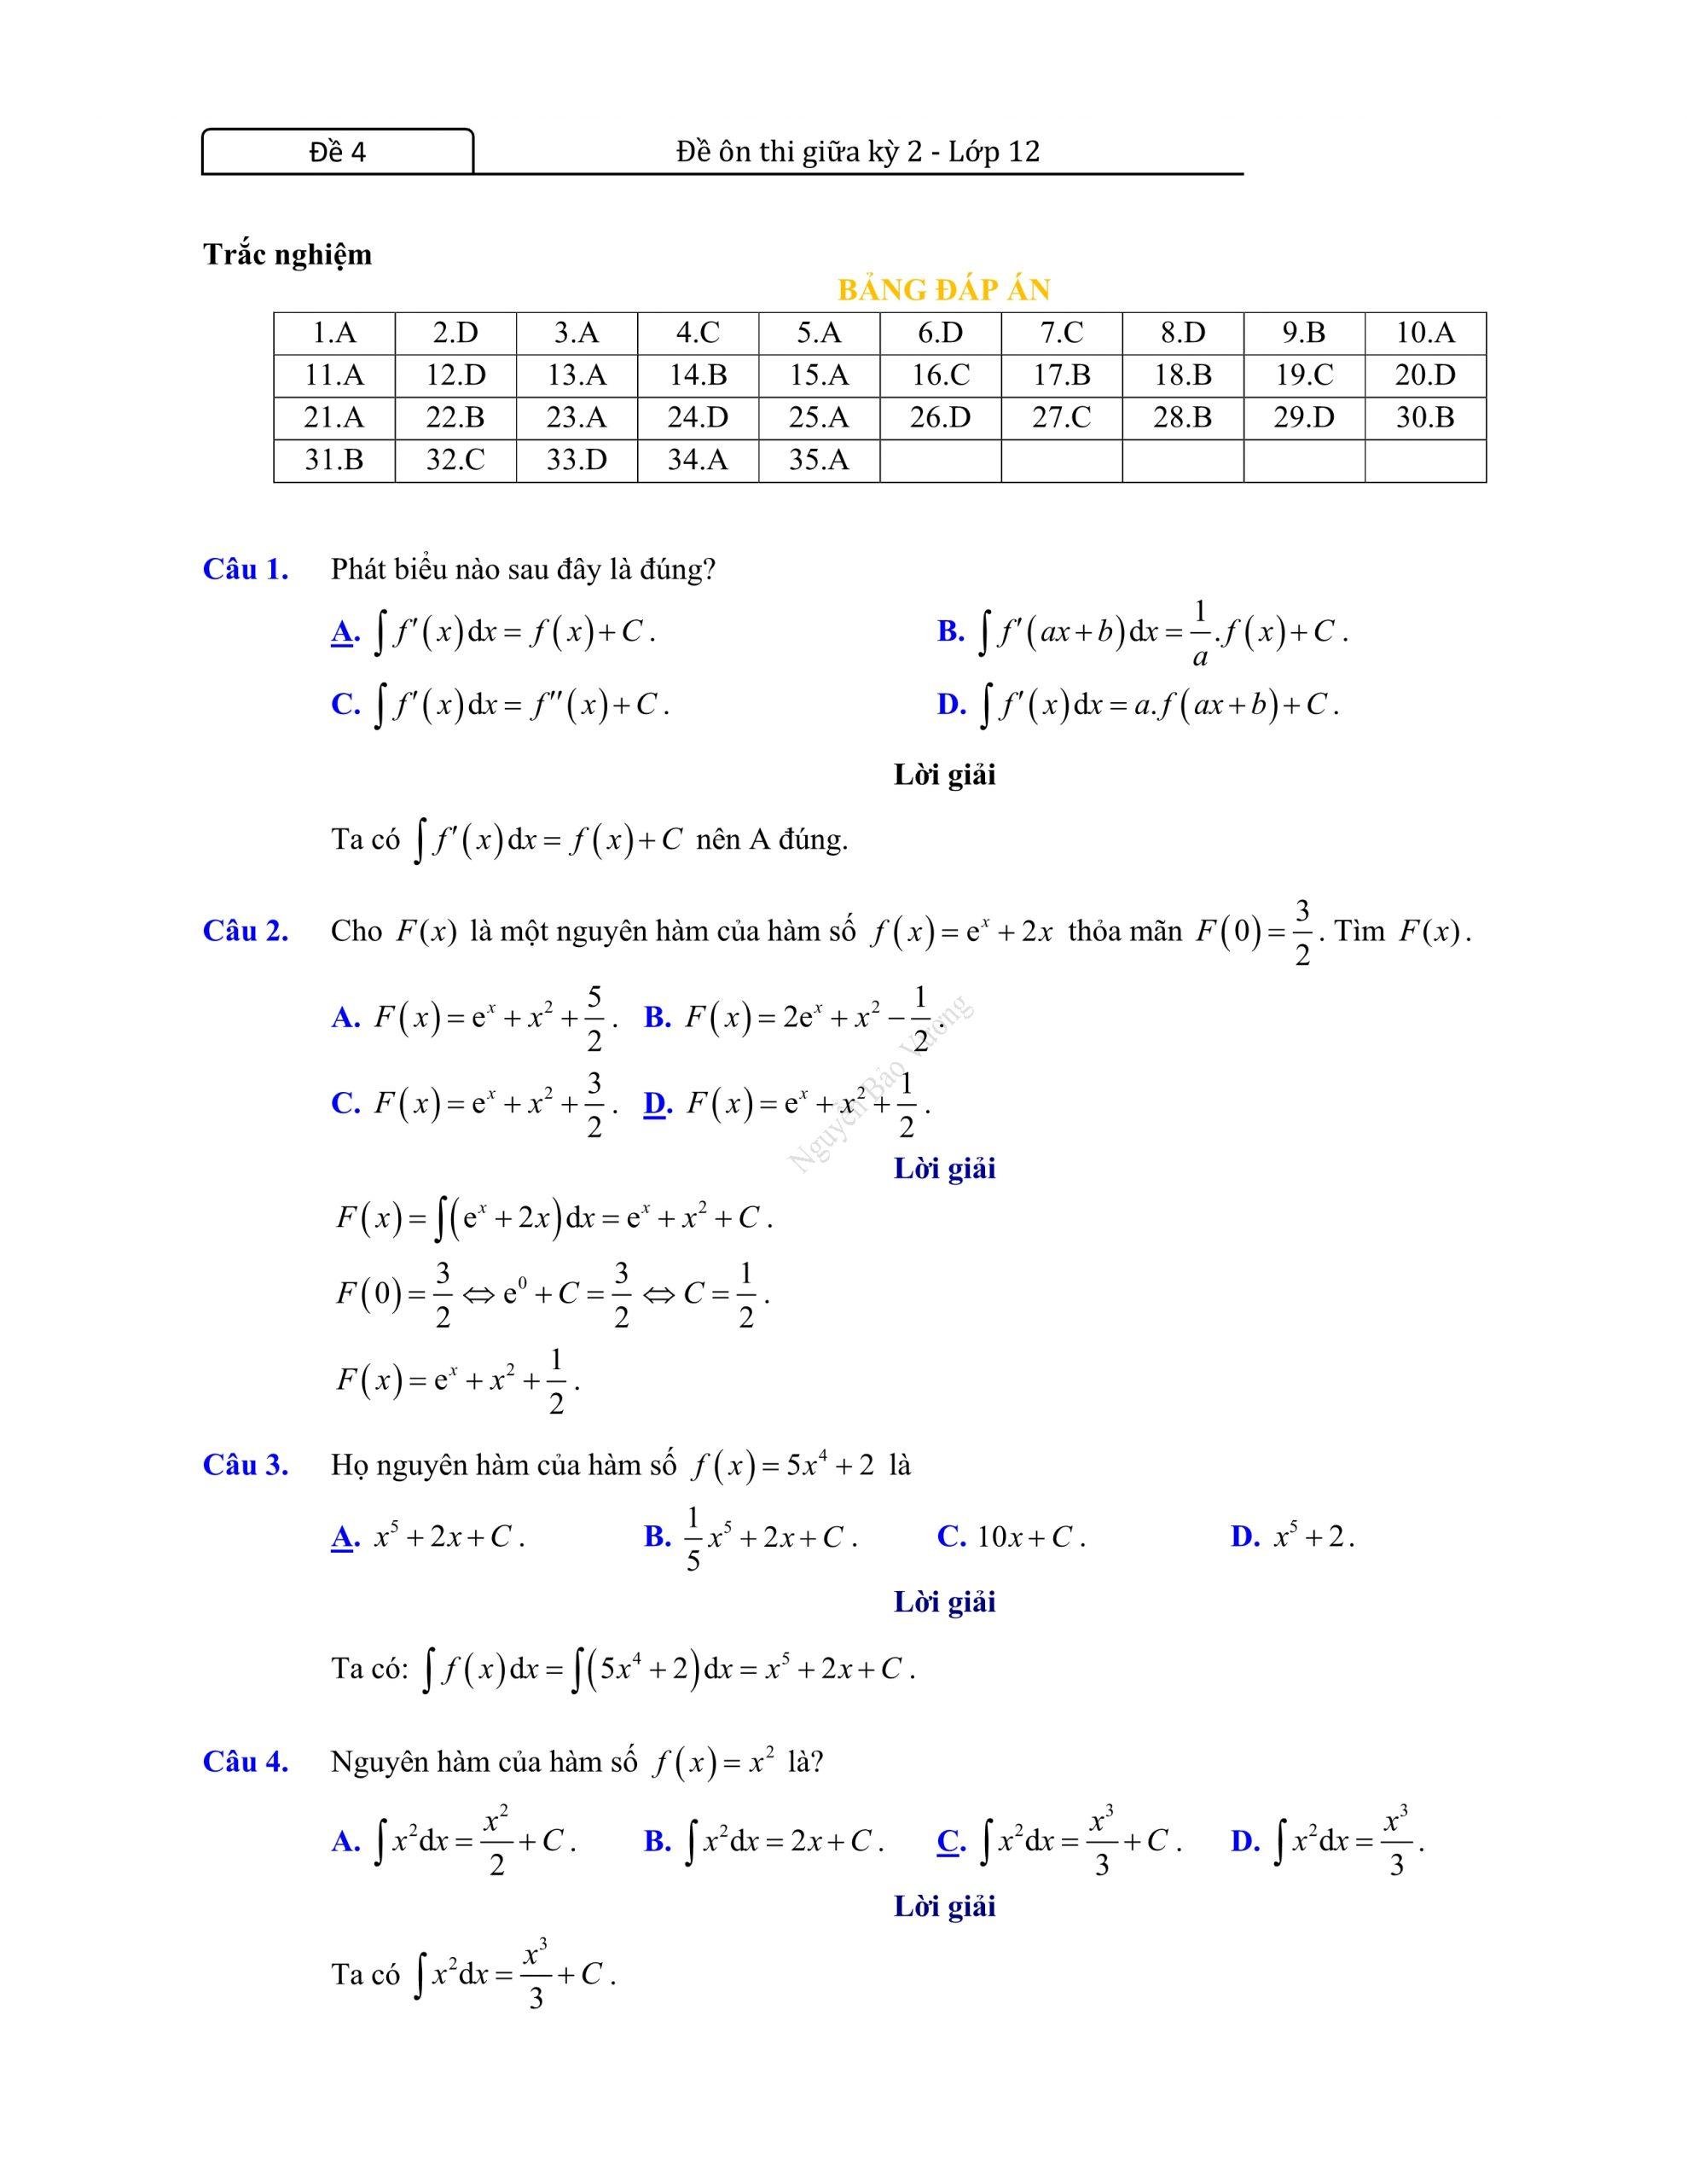 Đề thi giữa hk2 toán 12 có đáp án cụ thể